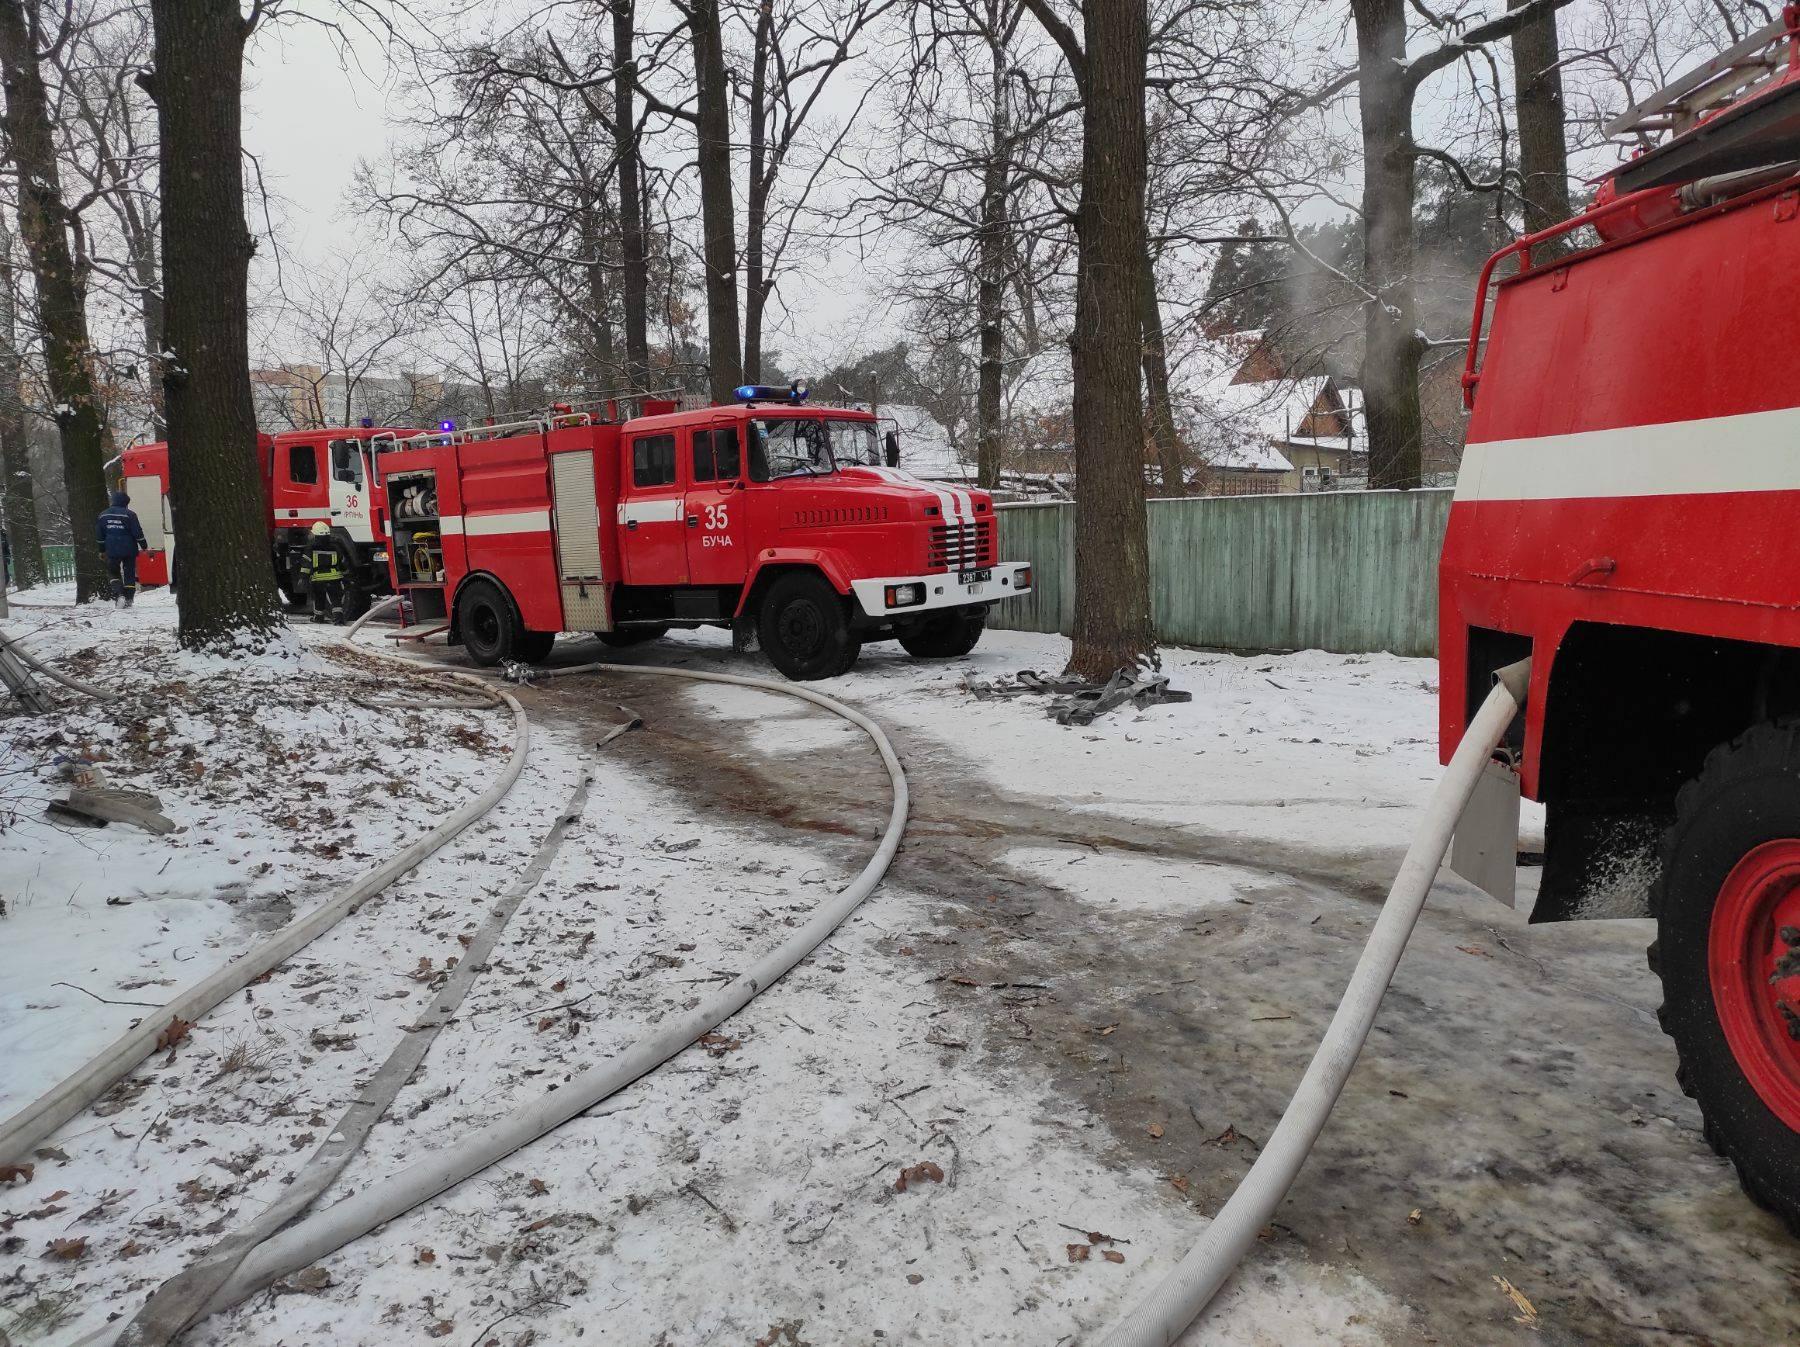 У Бучі вогонь спалахнув на горищі двоповерхівки - рятувальники, пожежа будинку, київщина, Бучанська ОТГ - Bucha Vysh 1